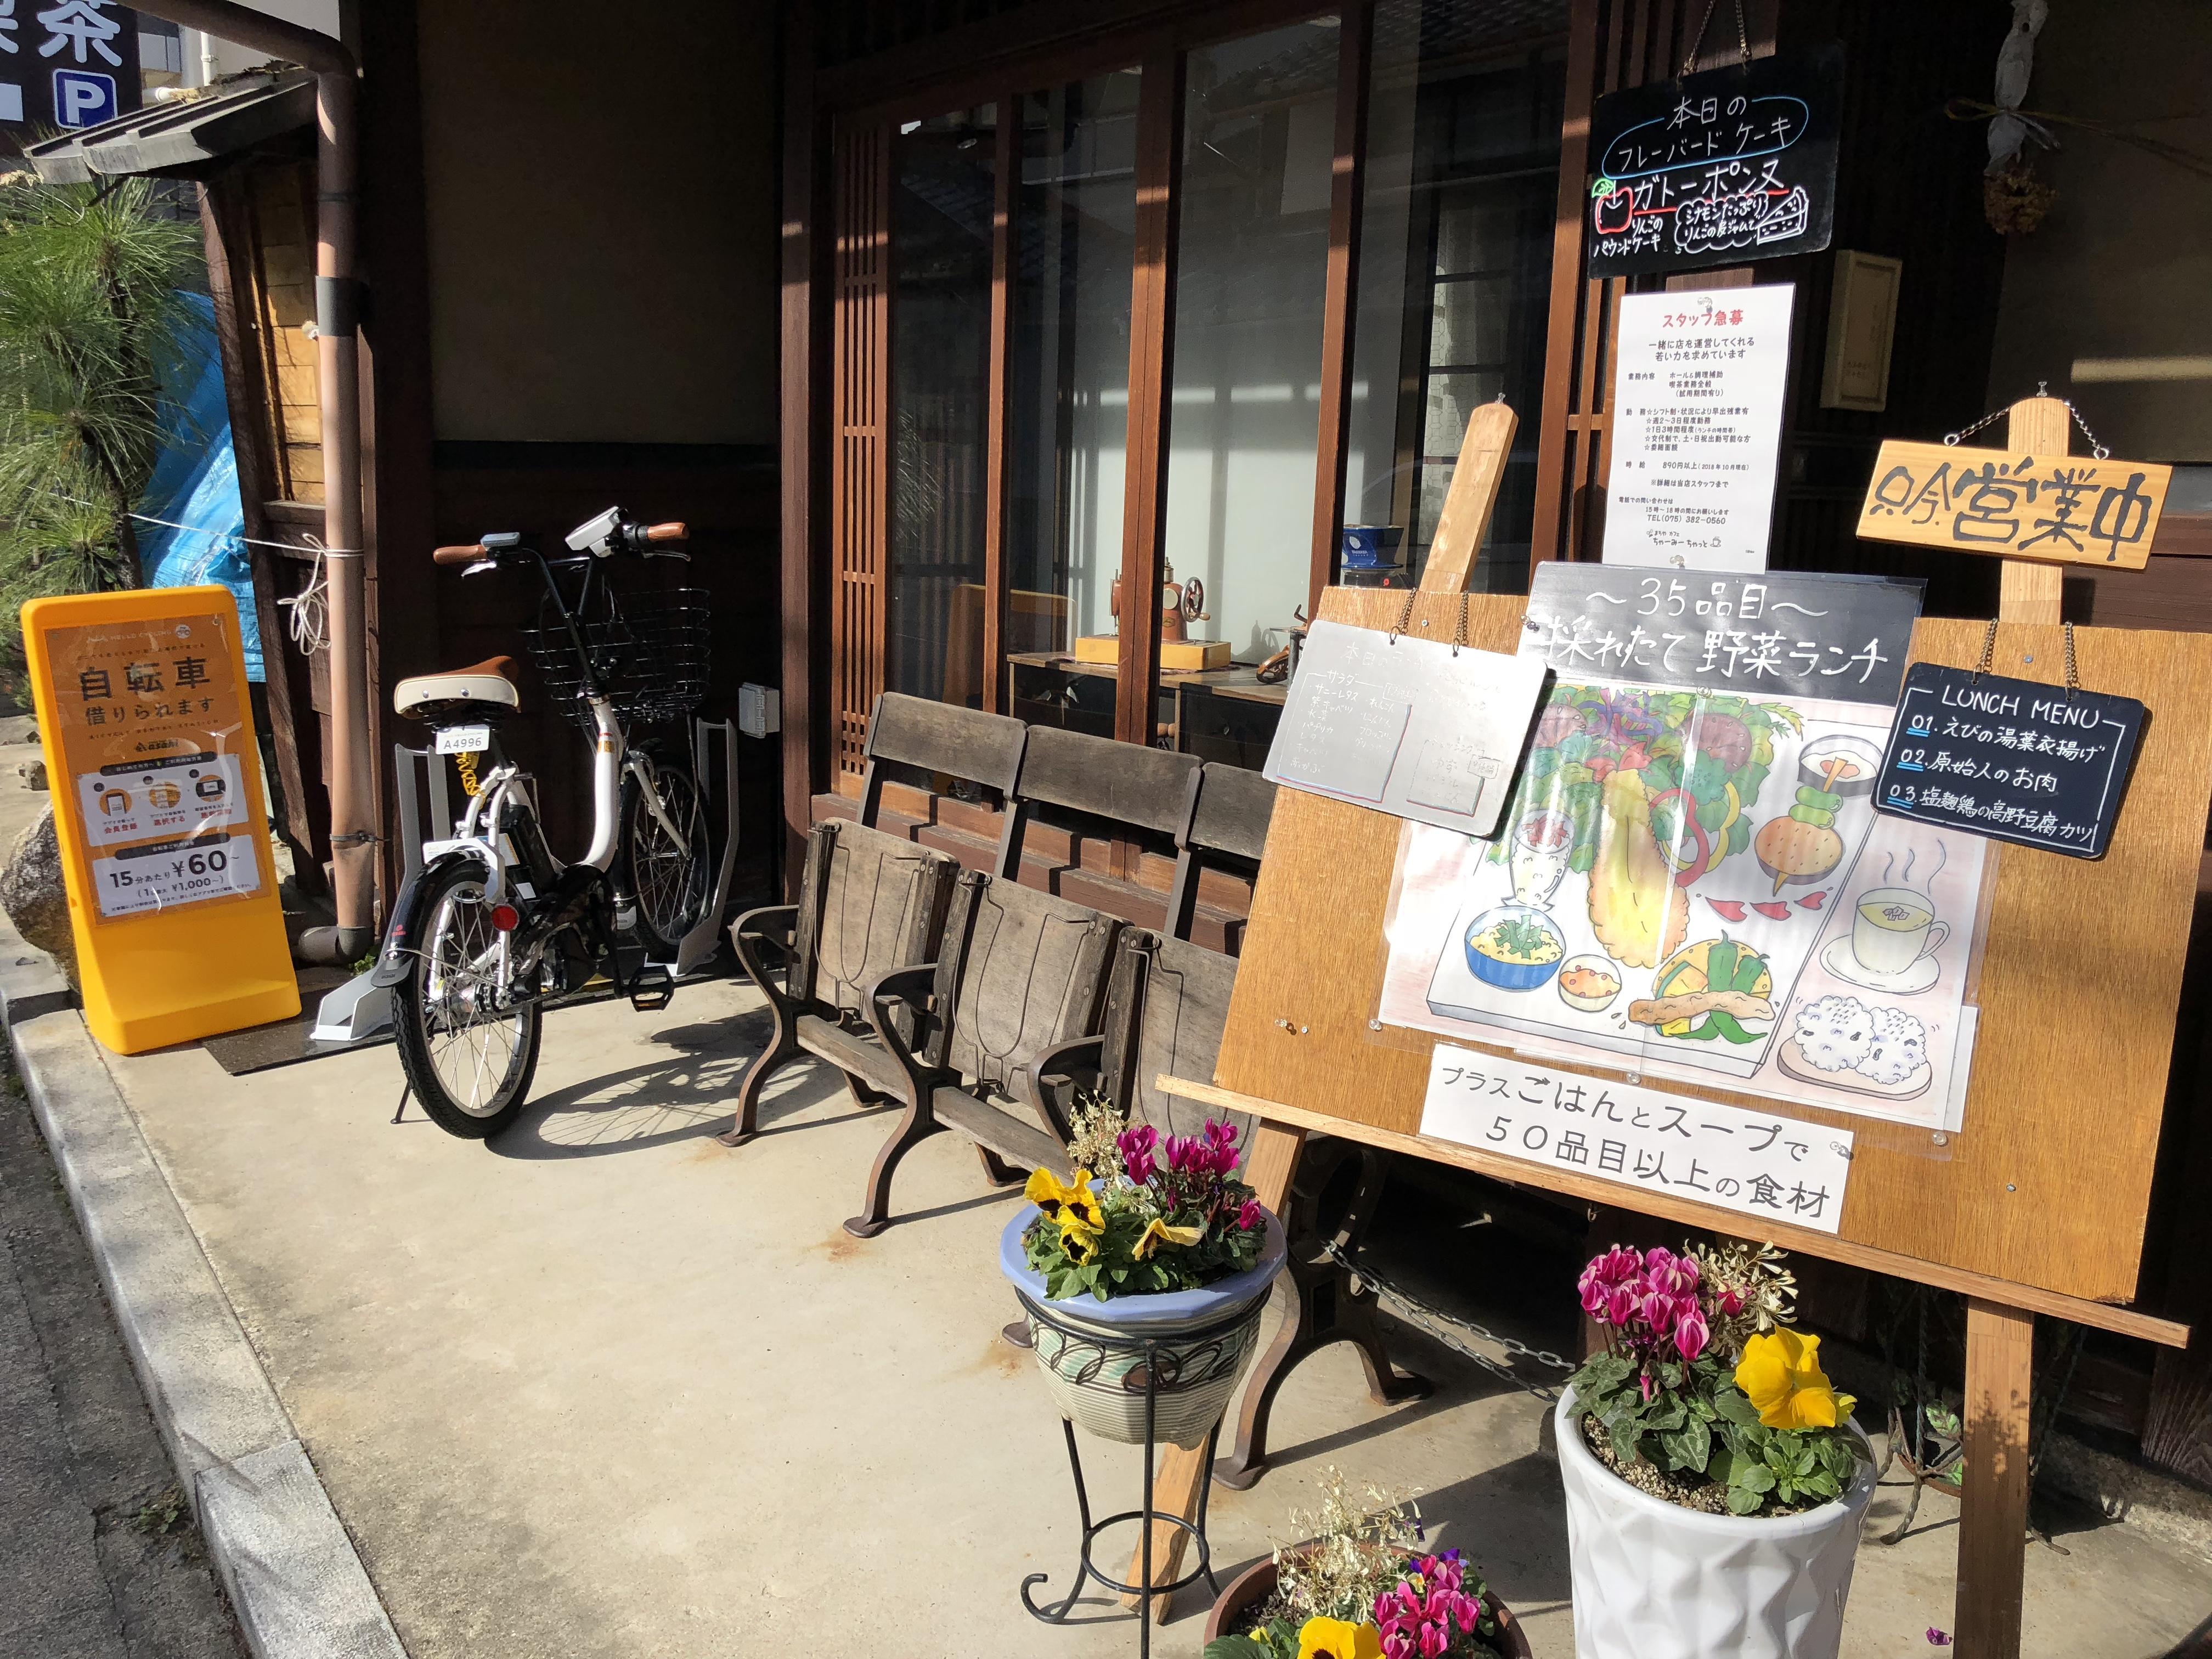 町カフェちゃーみーちゃっと (HELLO CYCLING ポート) image